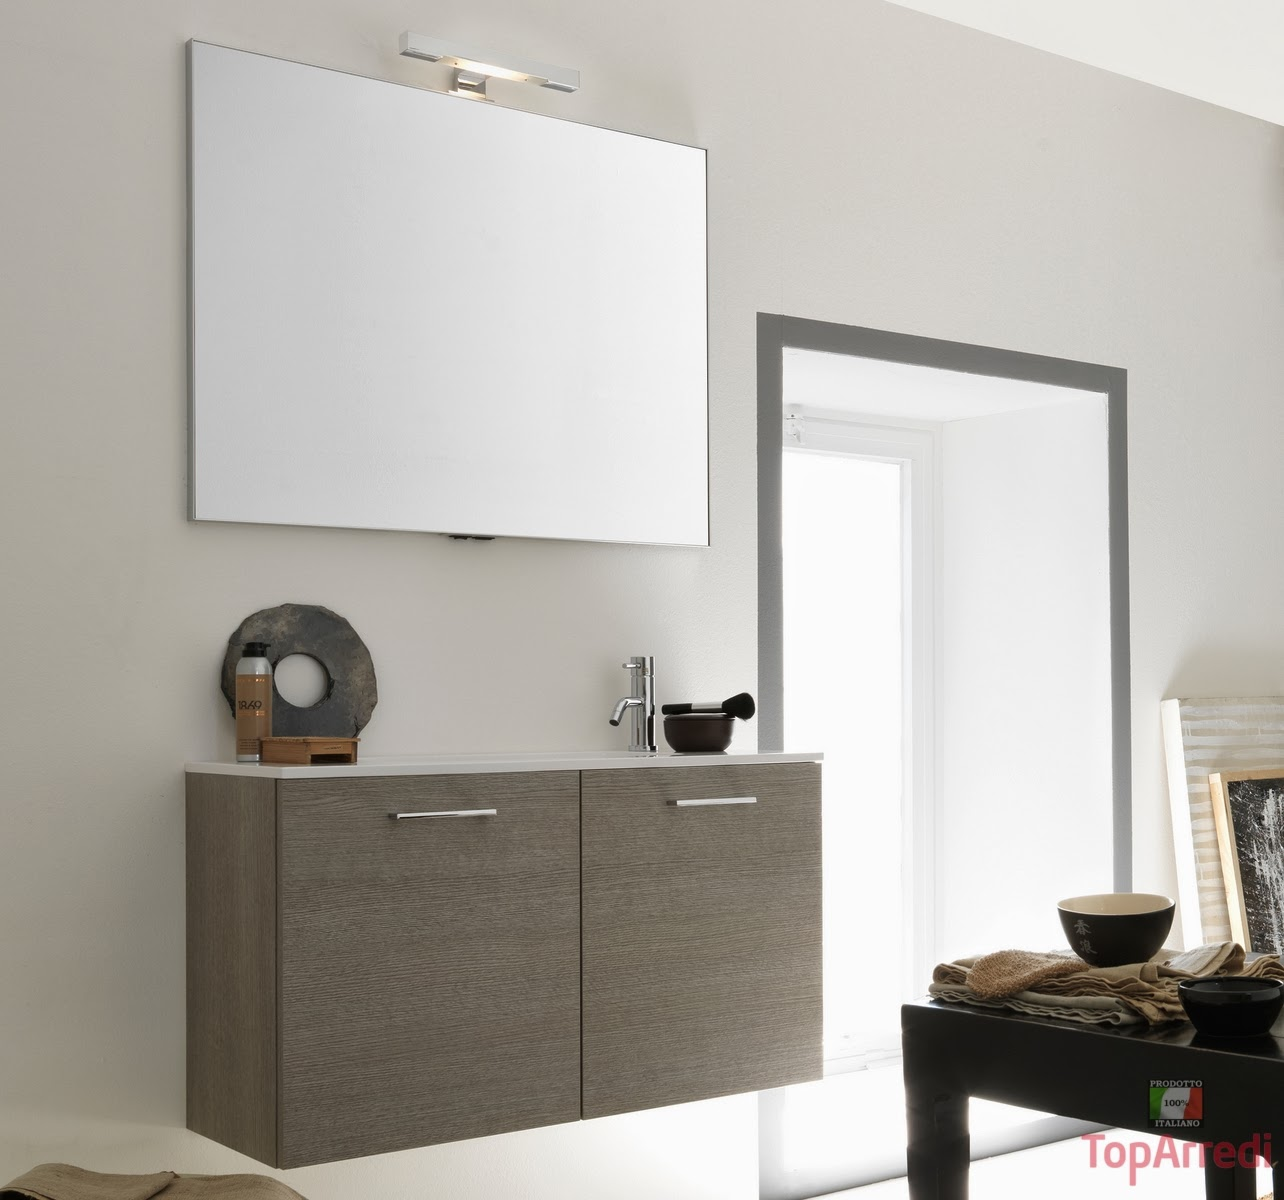 Arredare con classe arredo bagno online for Arredo bagno moderno on line